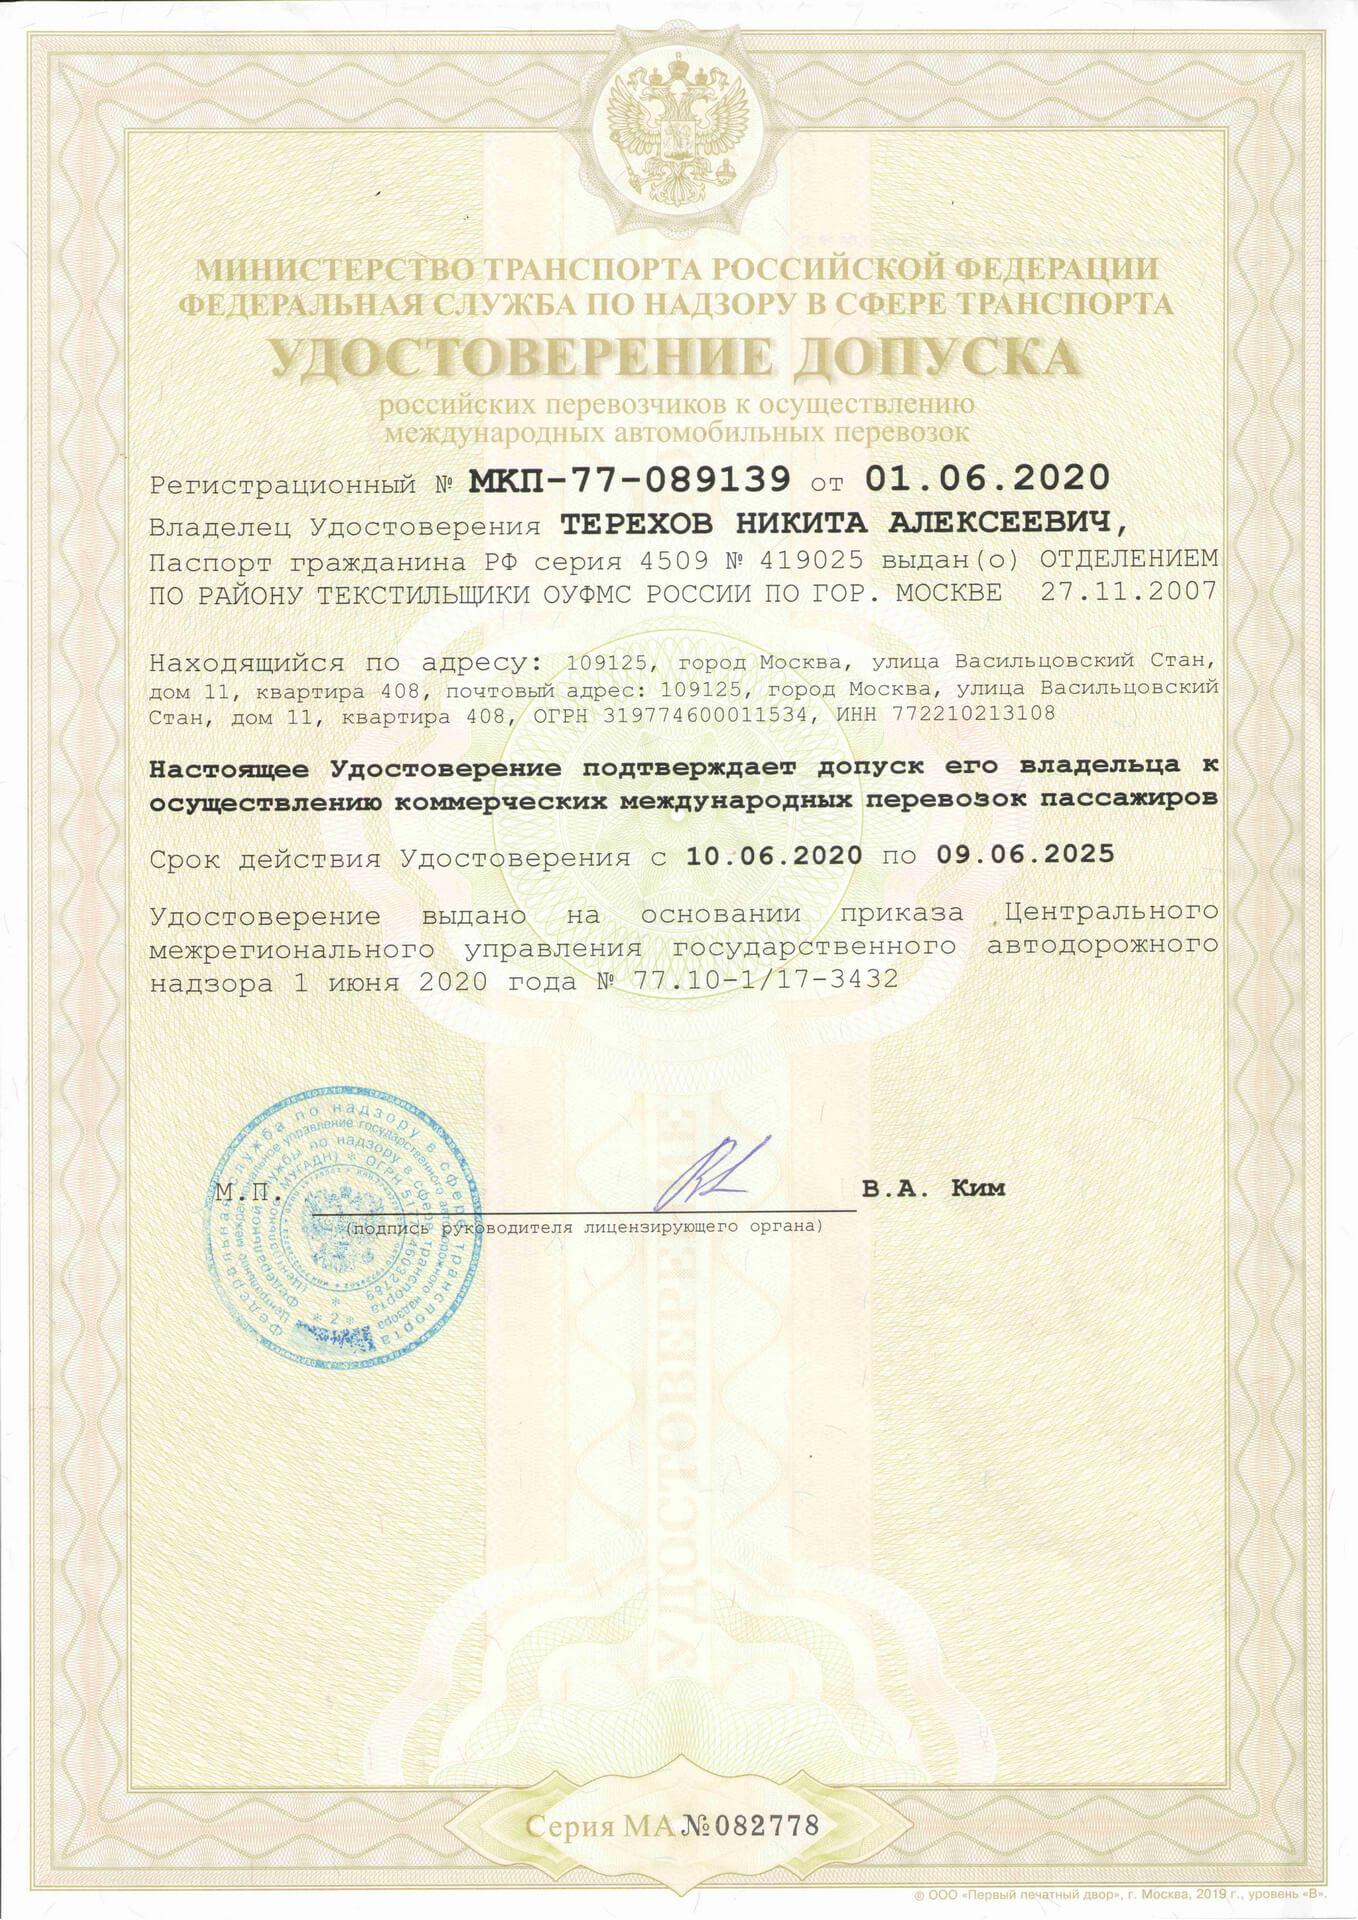 Лицензия на осуществление<br /> перевозок вторая